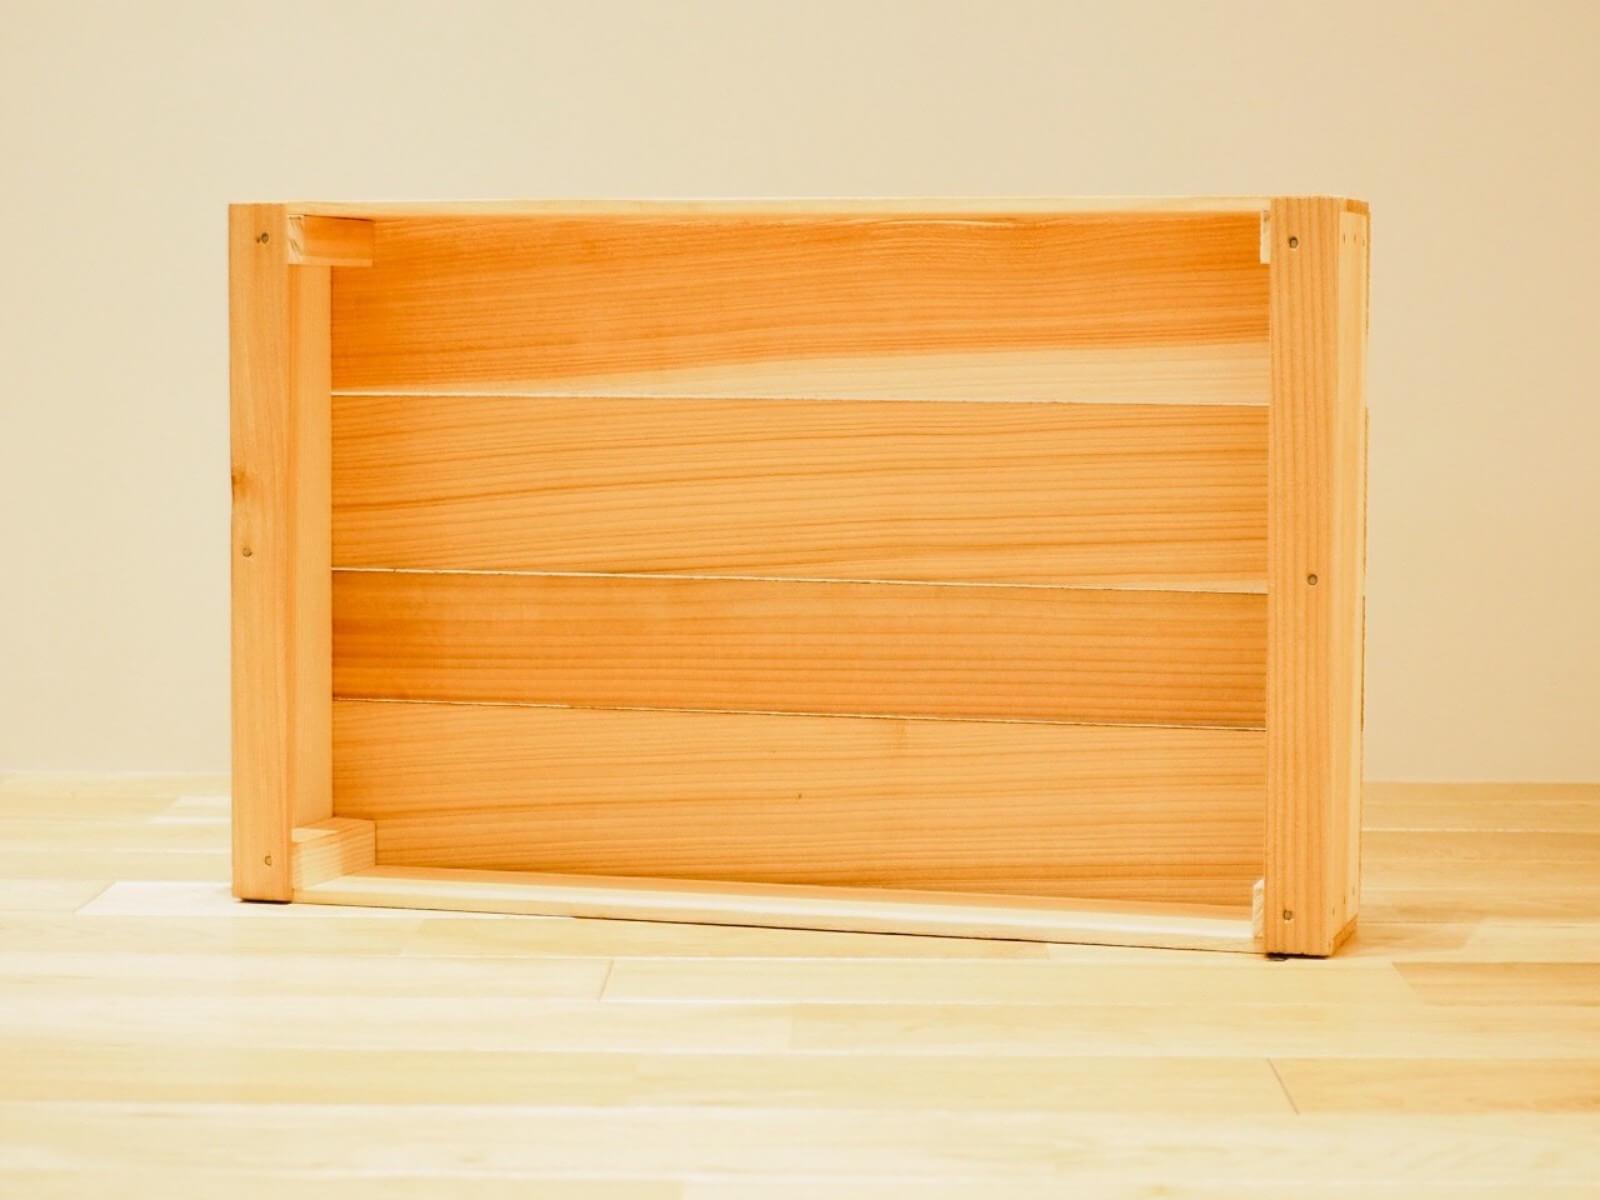 魚箱 : 600×380×105 / 520×365×100 ※外寸(横×奥行き×高さ) / 内寸(横×奥行き×高さ)